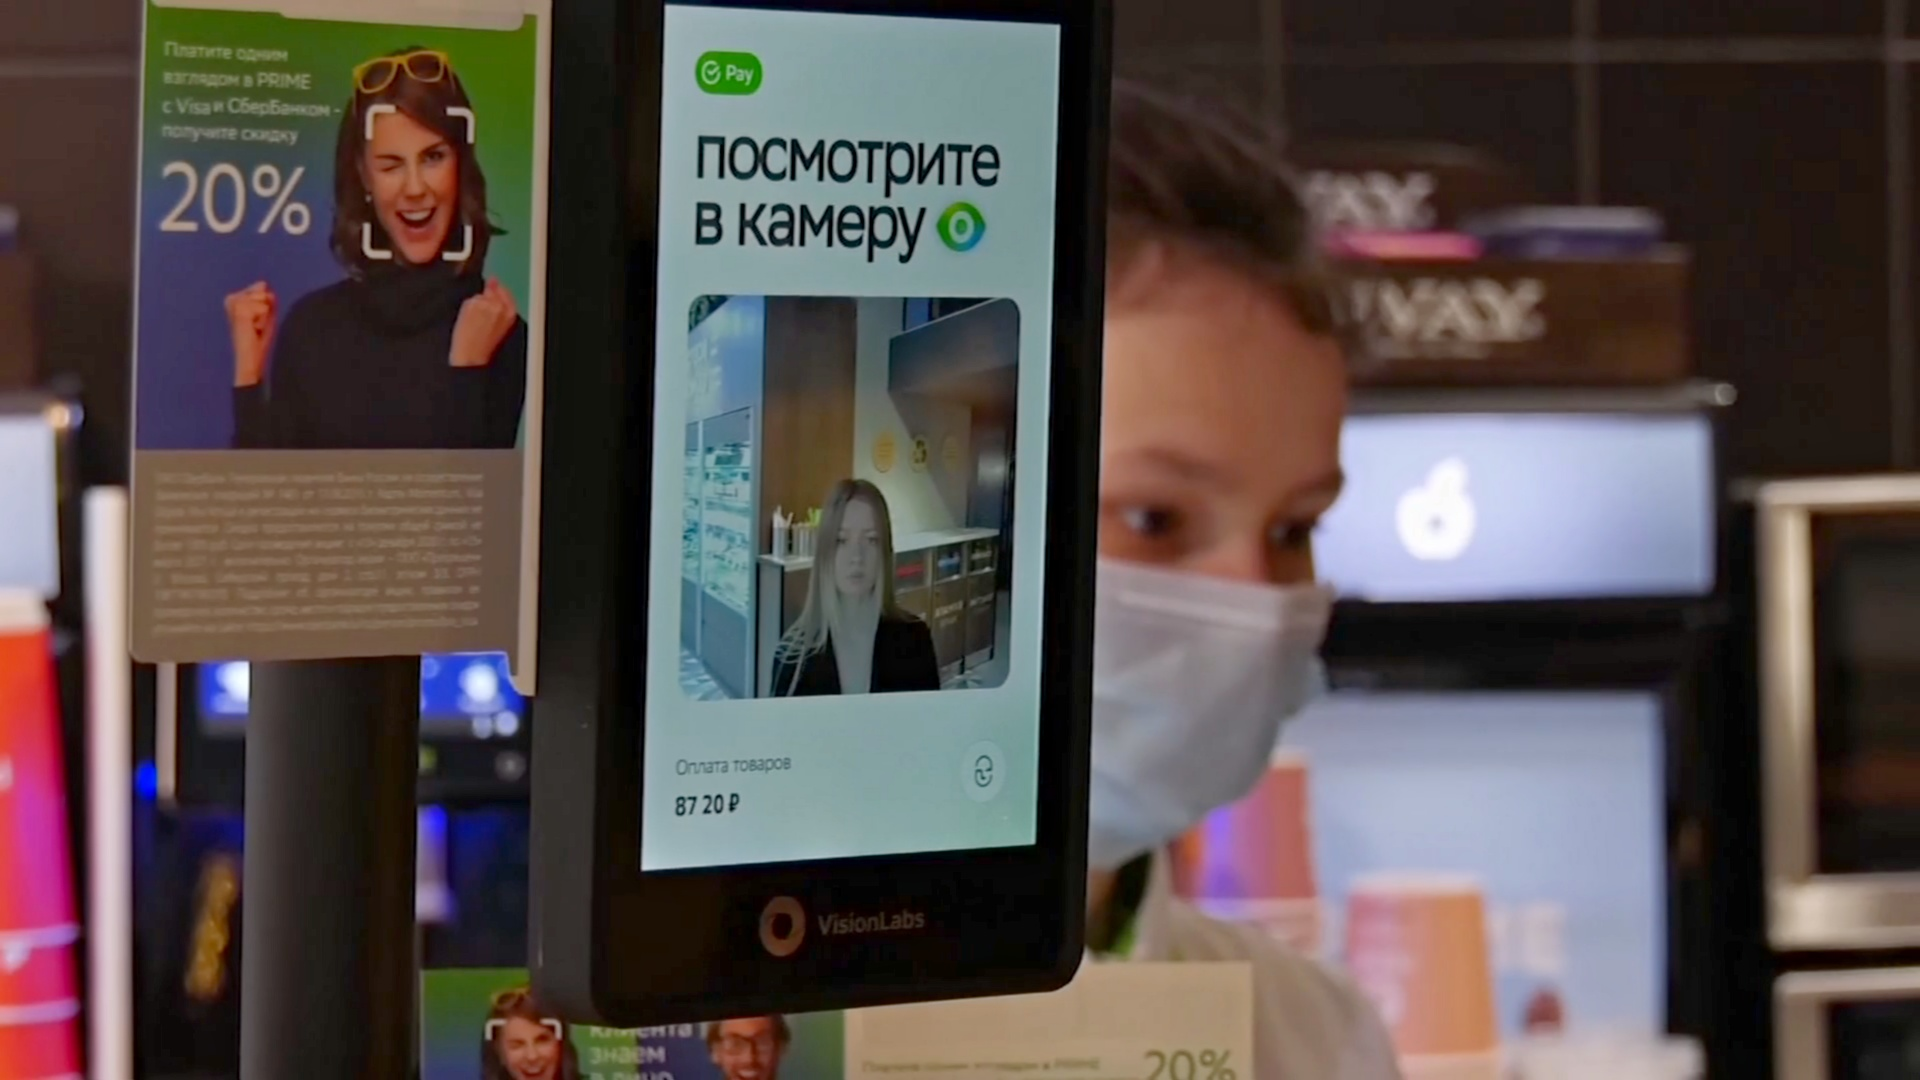 Покажи лицо и заплати: в российских магазинах и кафе внедряют биометрию